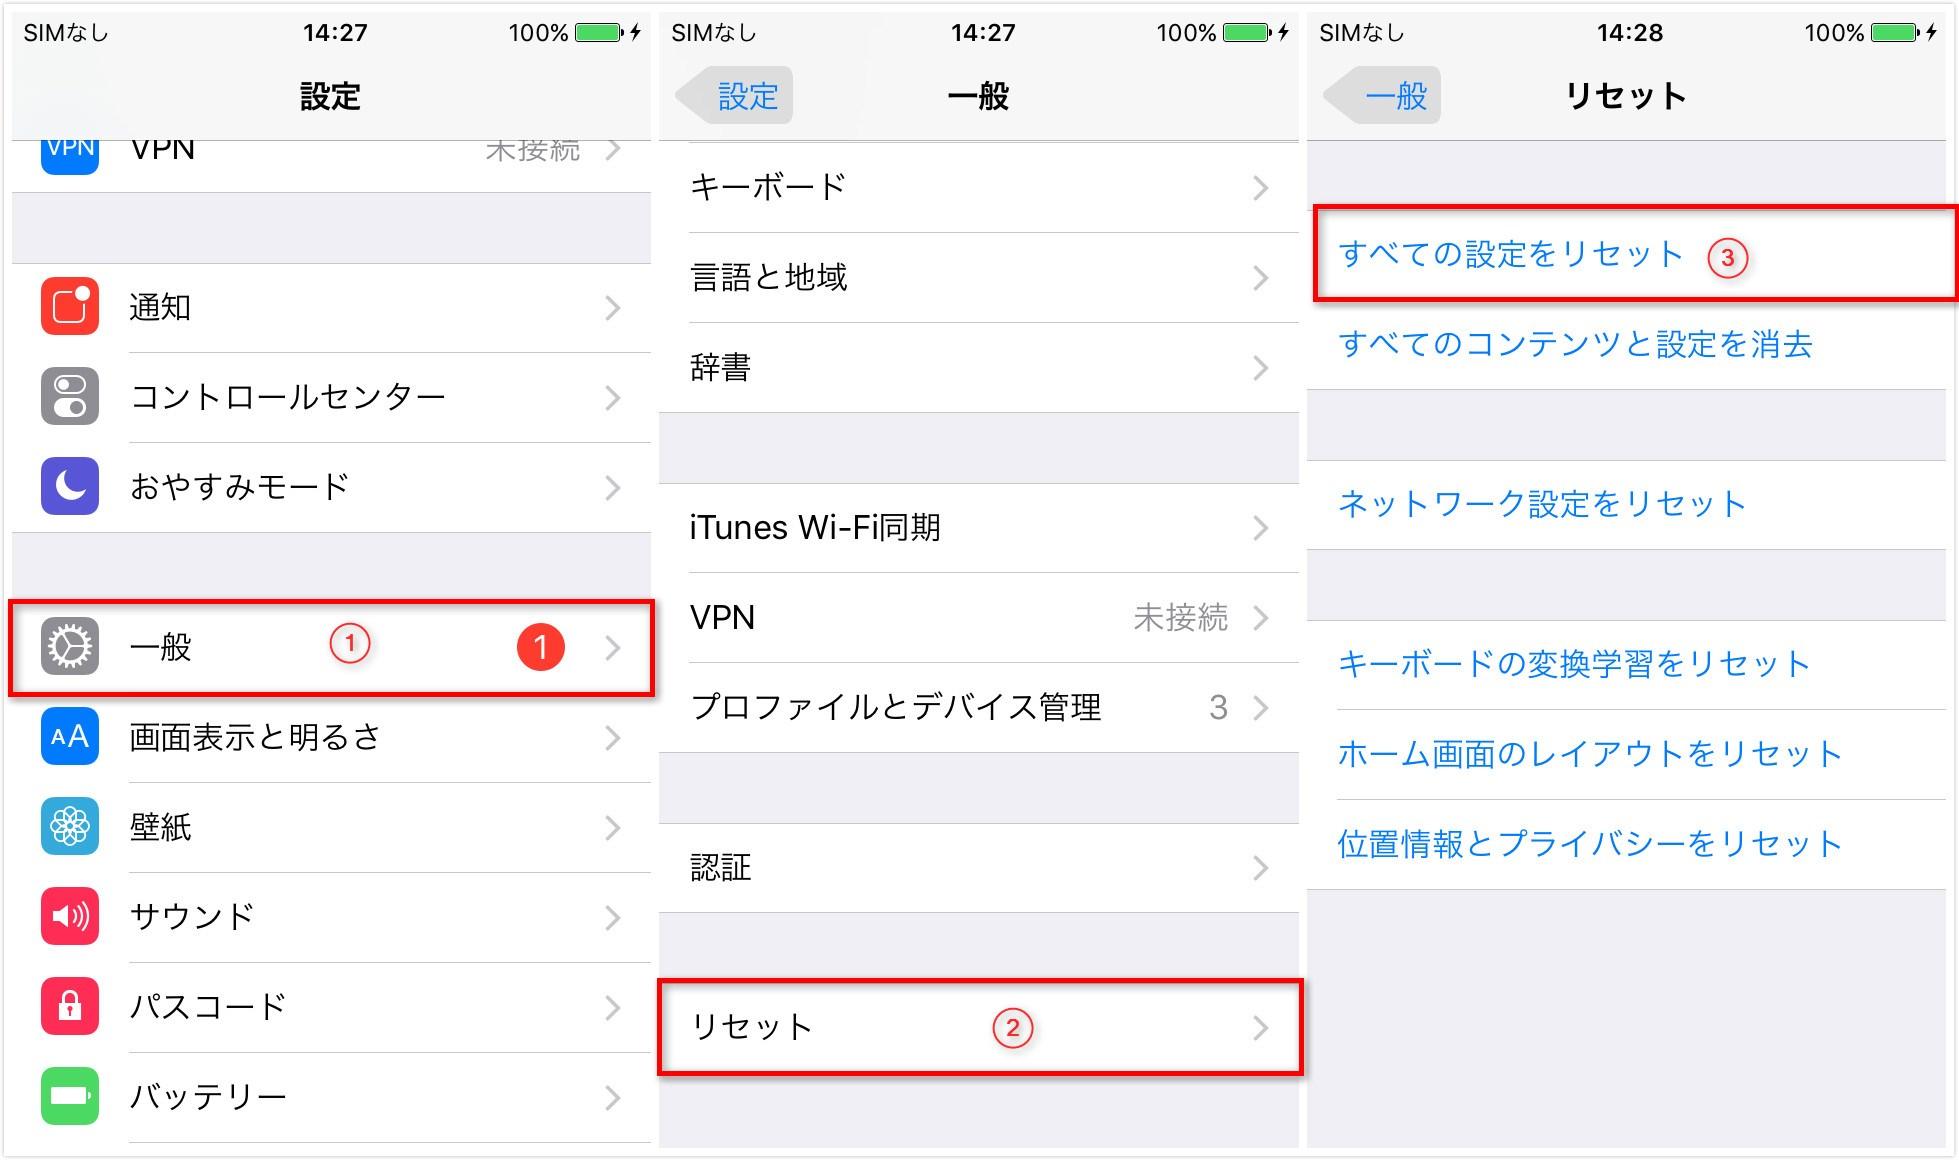 iOS 11アップデートによる不具合/バグ - iOS 11でBluetoothの不具合・バグ